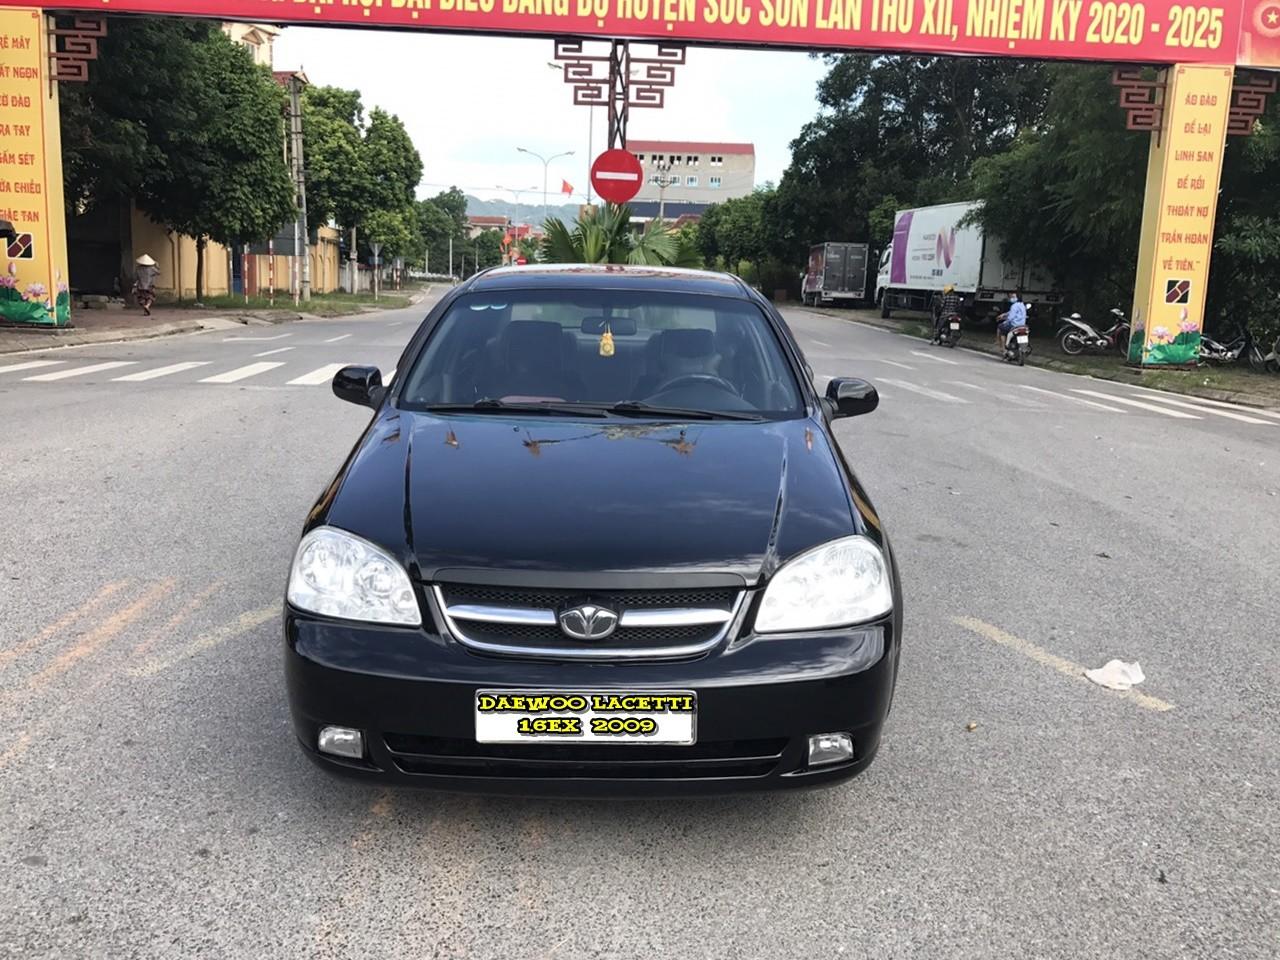 Cần bán gấp Daewoo Lacetti 1.6EX sản xuất 2009, màu đen còn mới